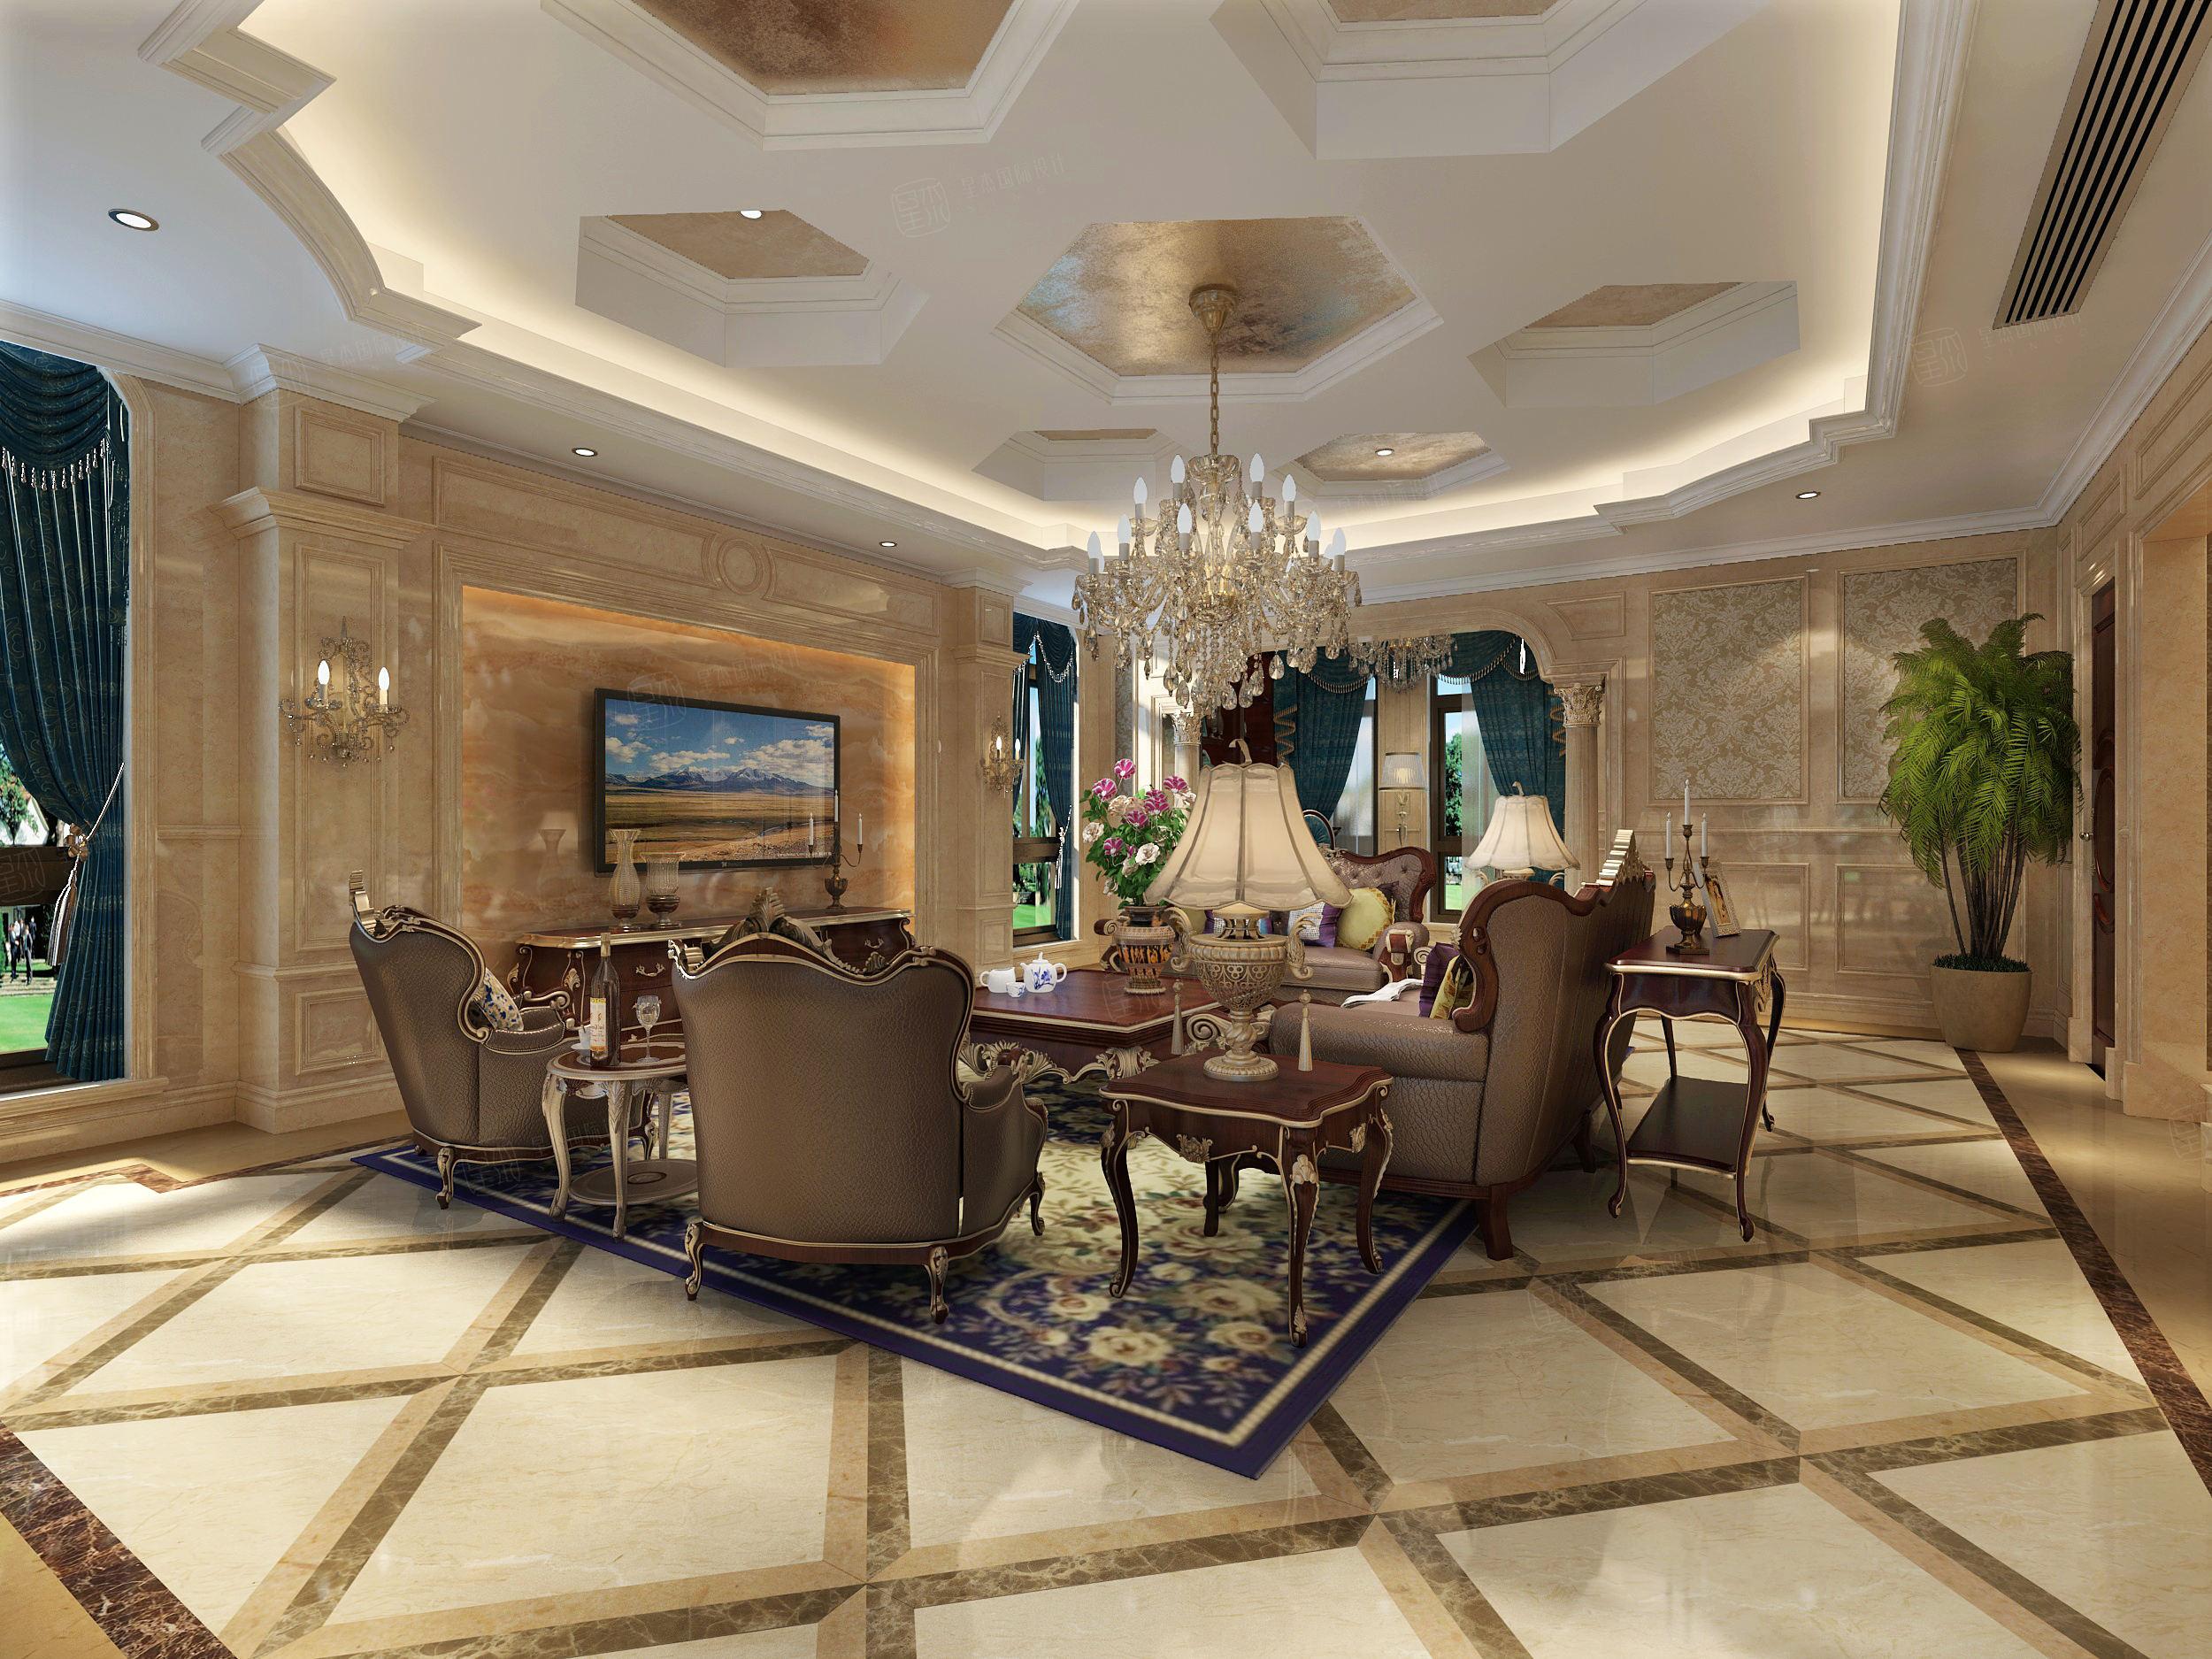 温州自建别墅 欧式 装修客厅效果图